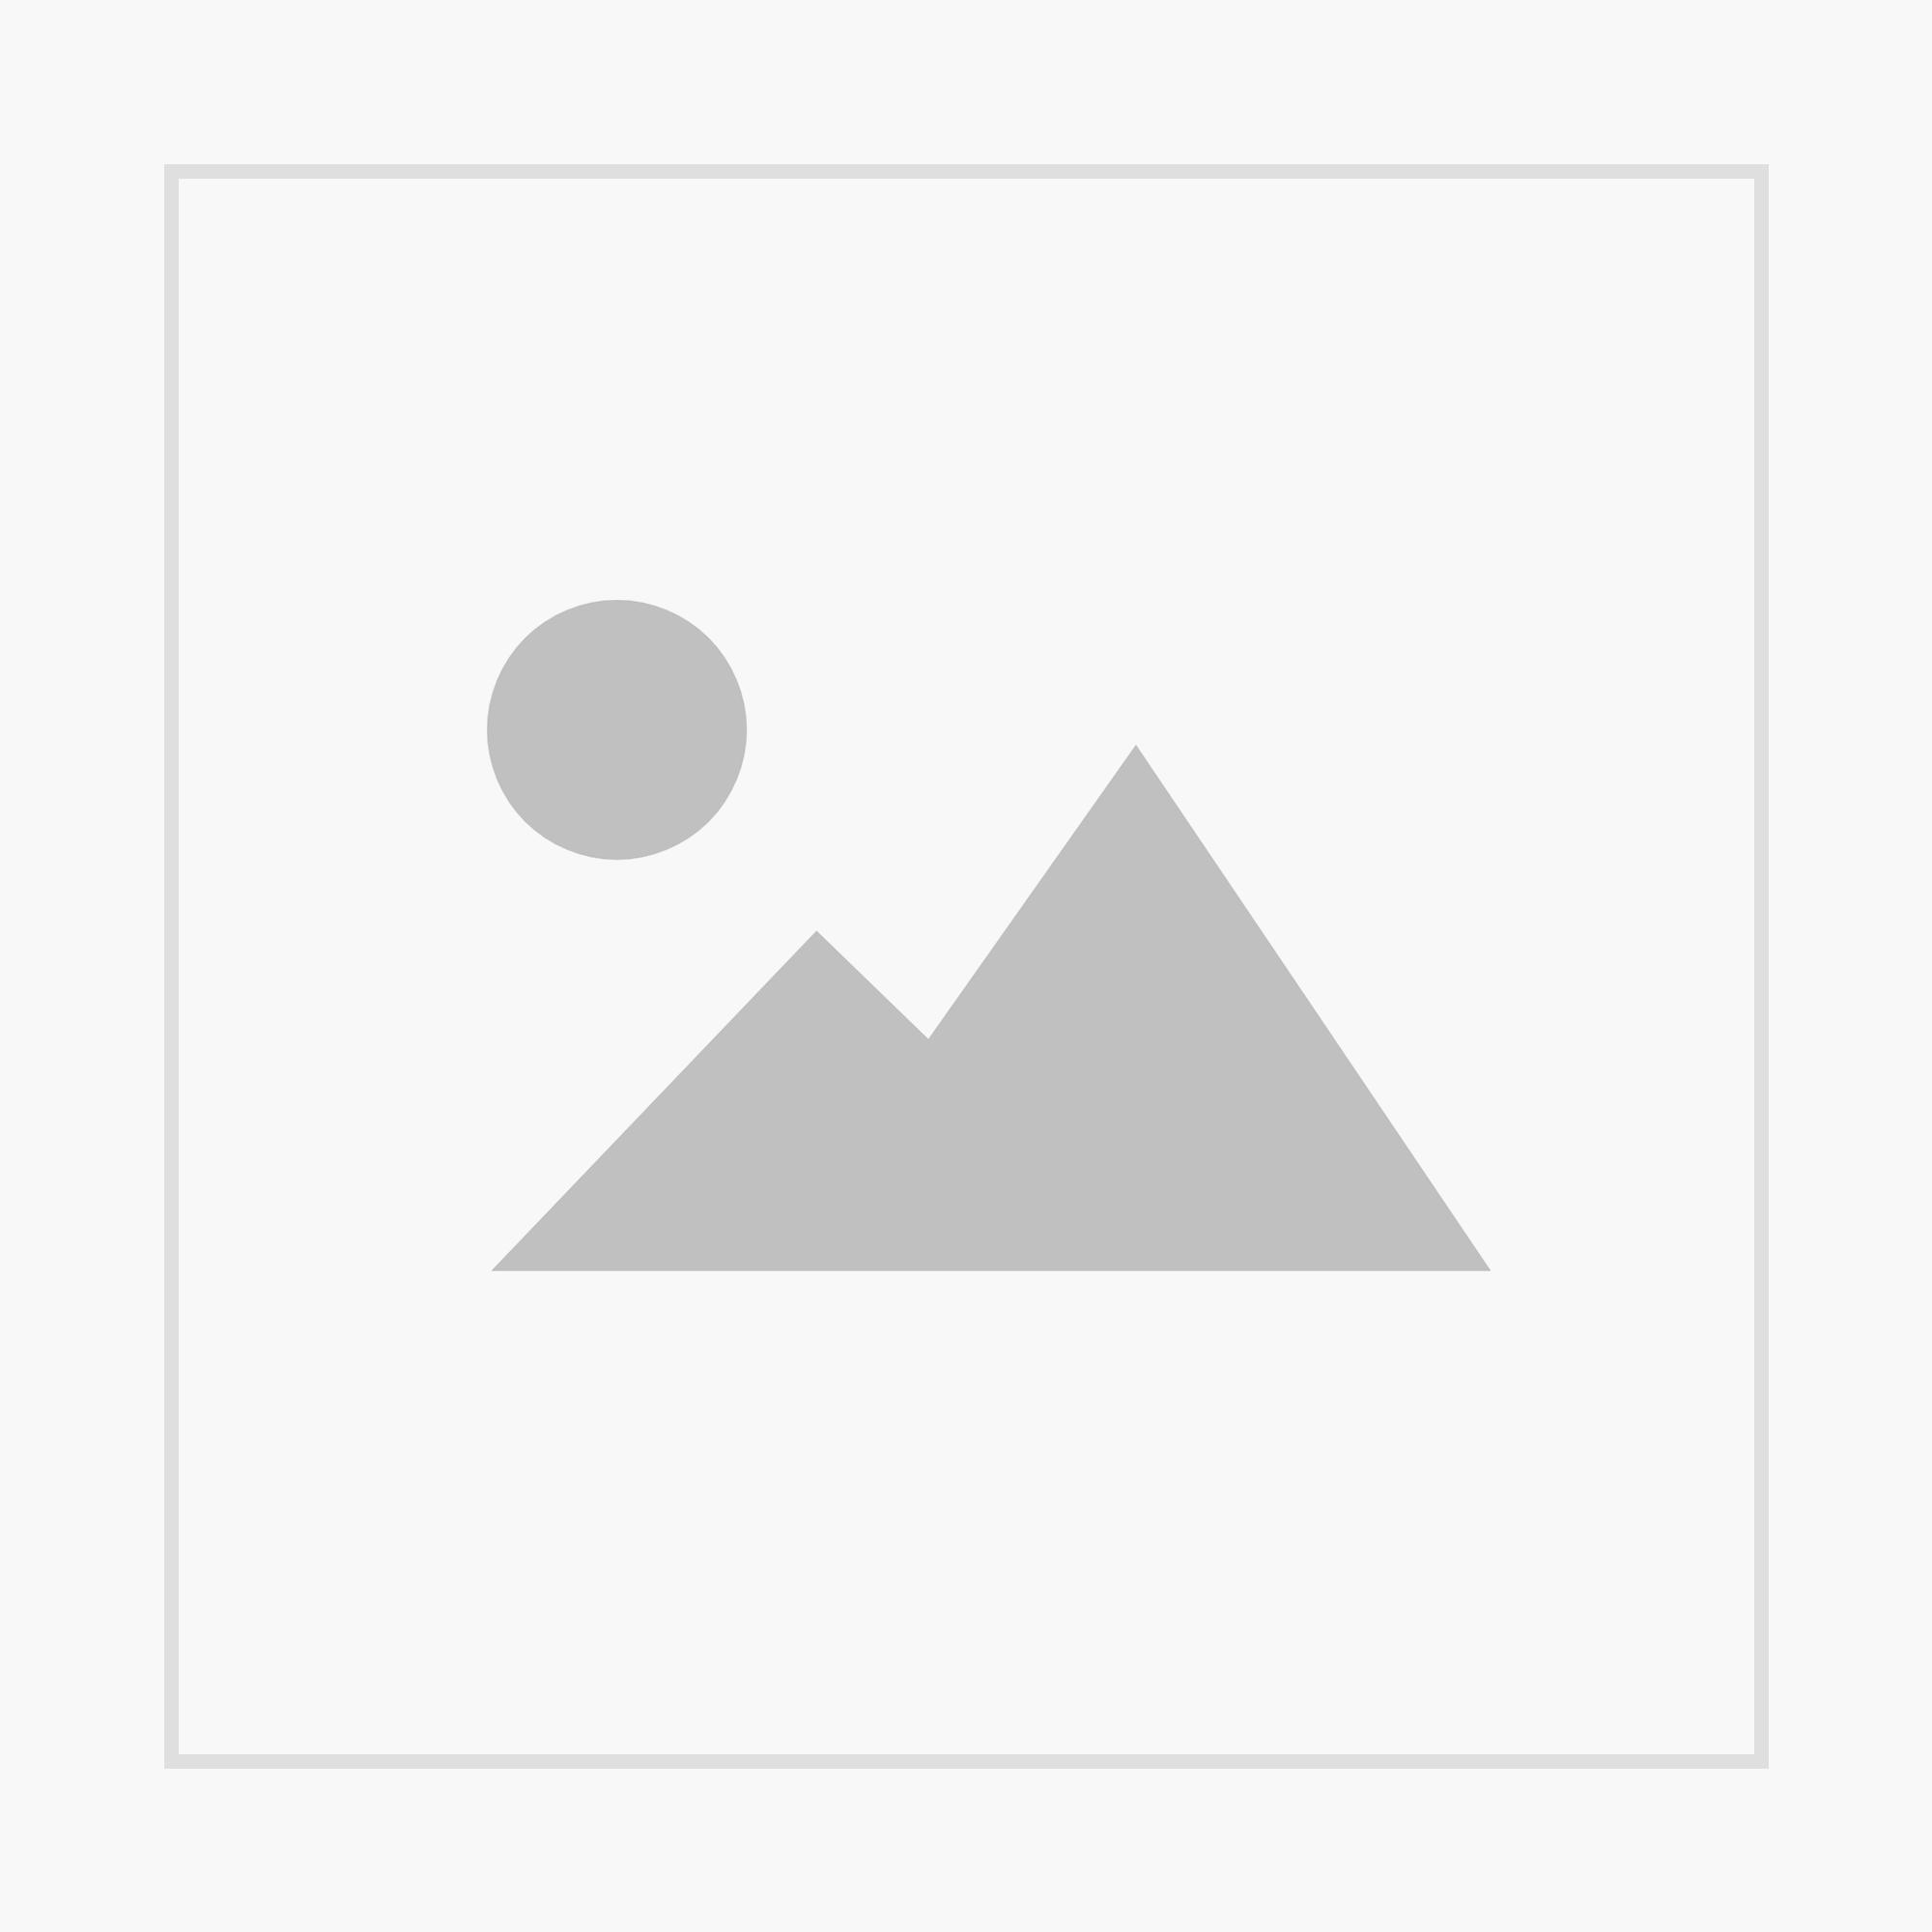 Statistisches Jahrbuch 2016 über Ernährung, Landwirtschaft und Forsten